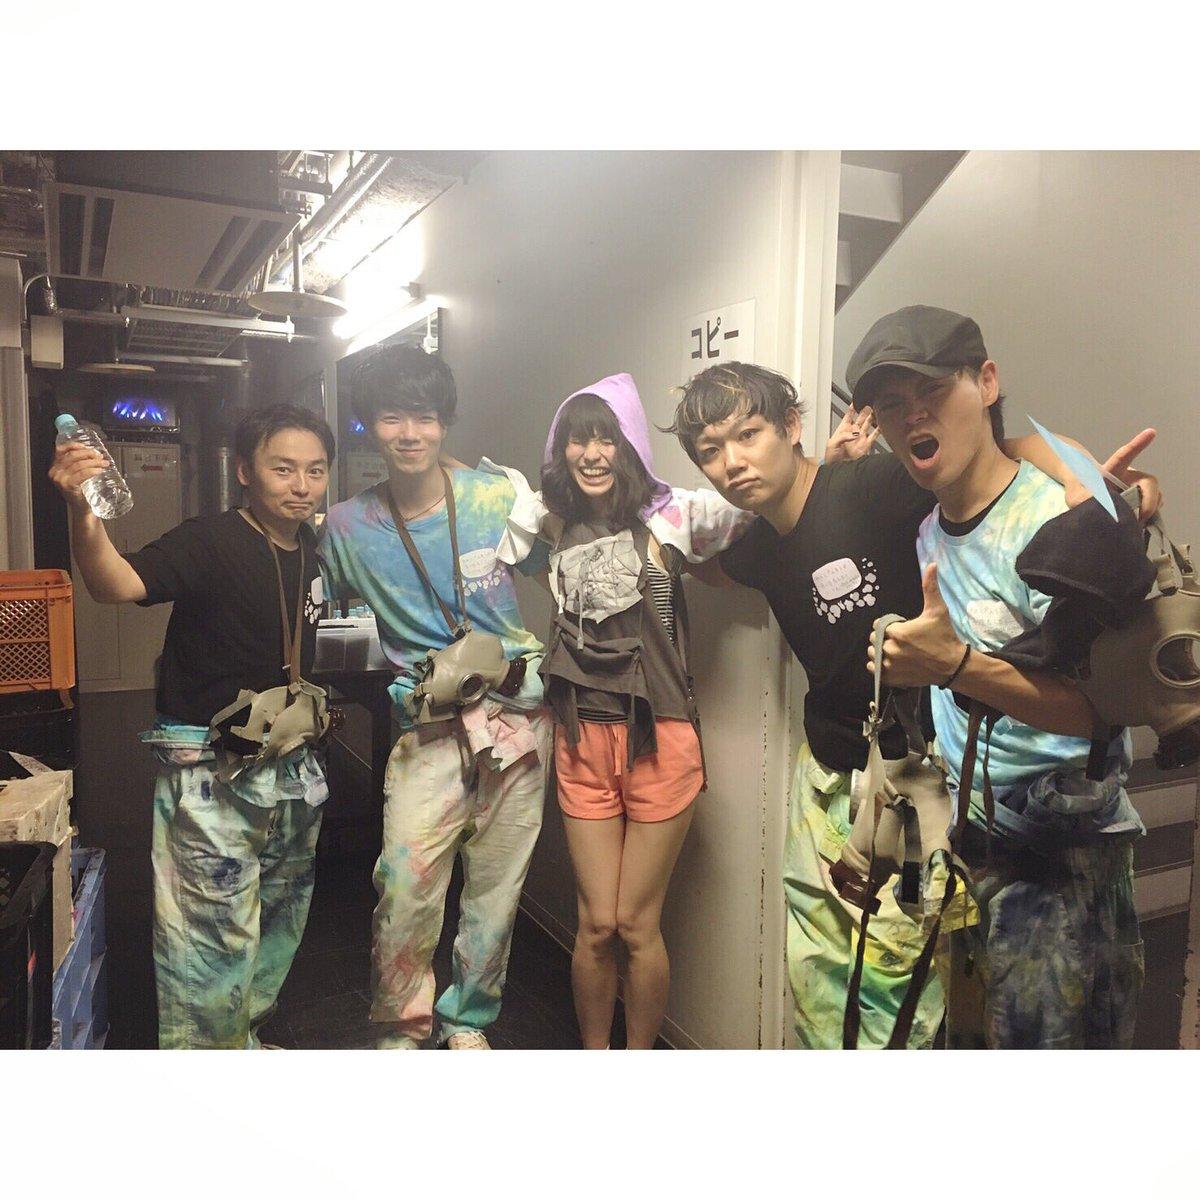 #パルパブルバブル ライブ! たった一夜のライブ 赤坂BLITZにお越しくださったみなさん!ありがと…